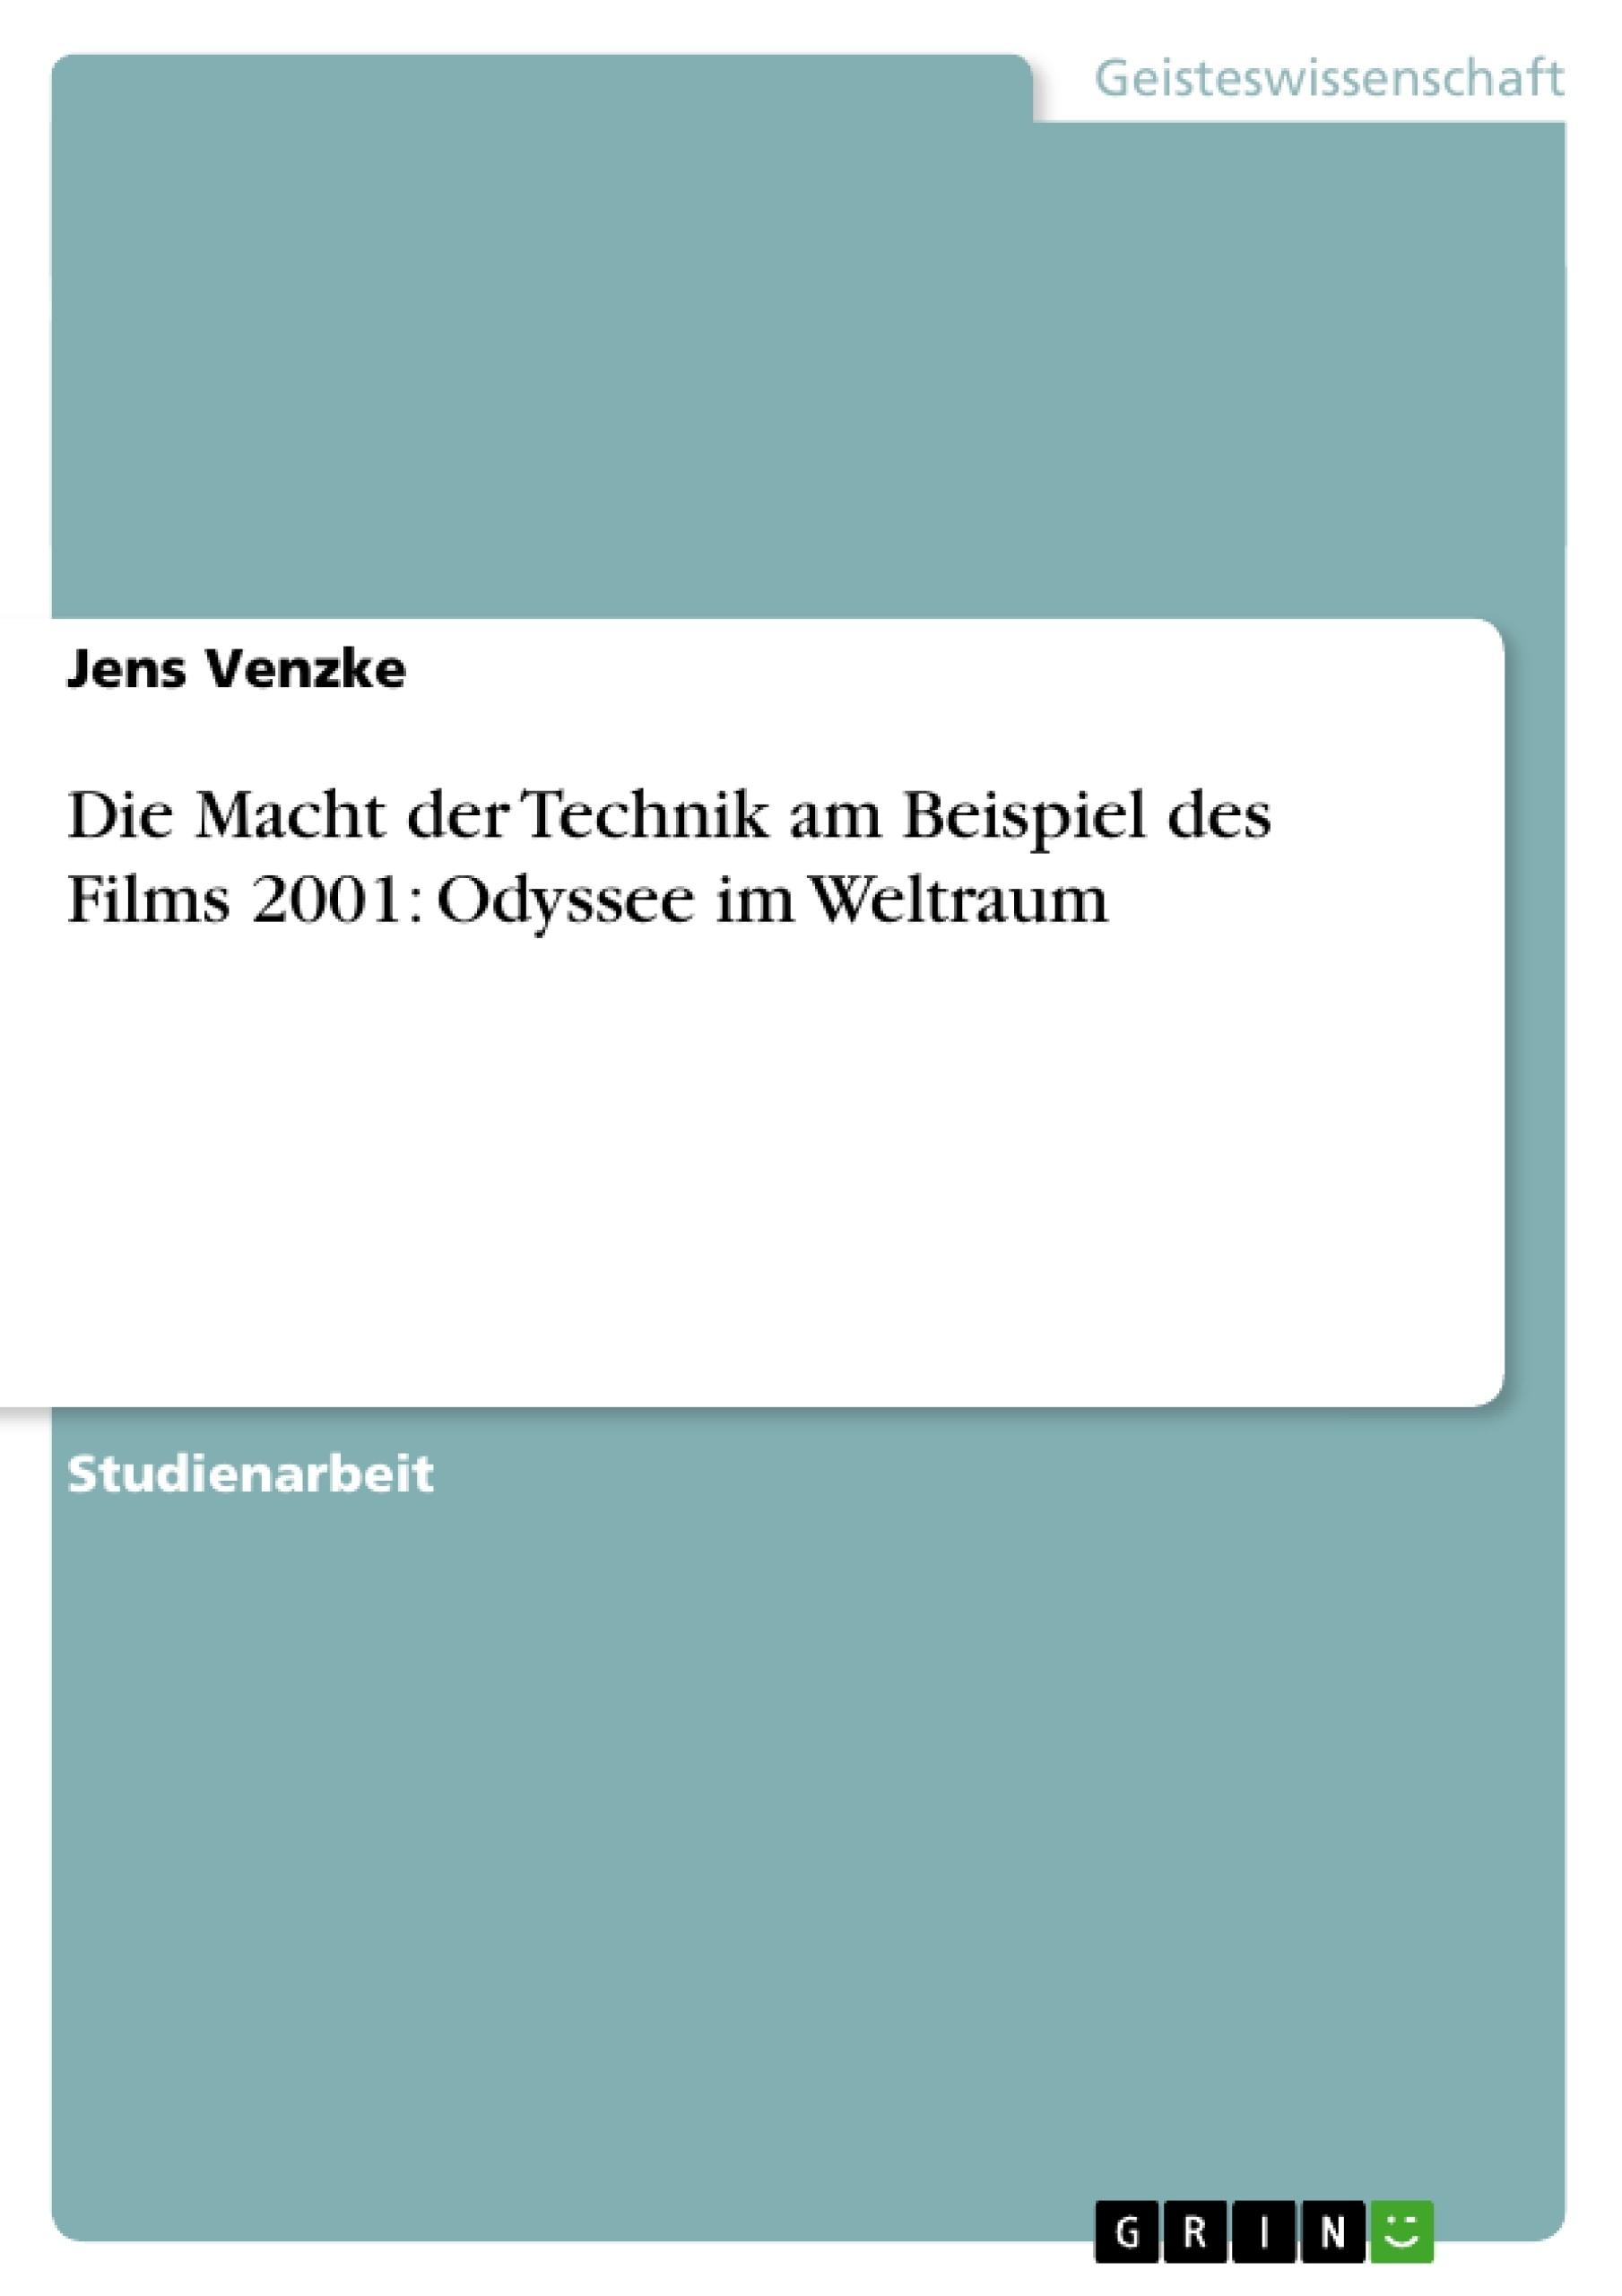 Titel: Die Macht der Technik am Beispiel des Films 2001: Odyssee im Weltraum